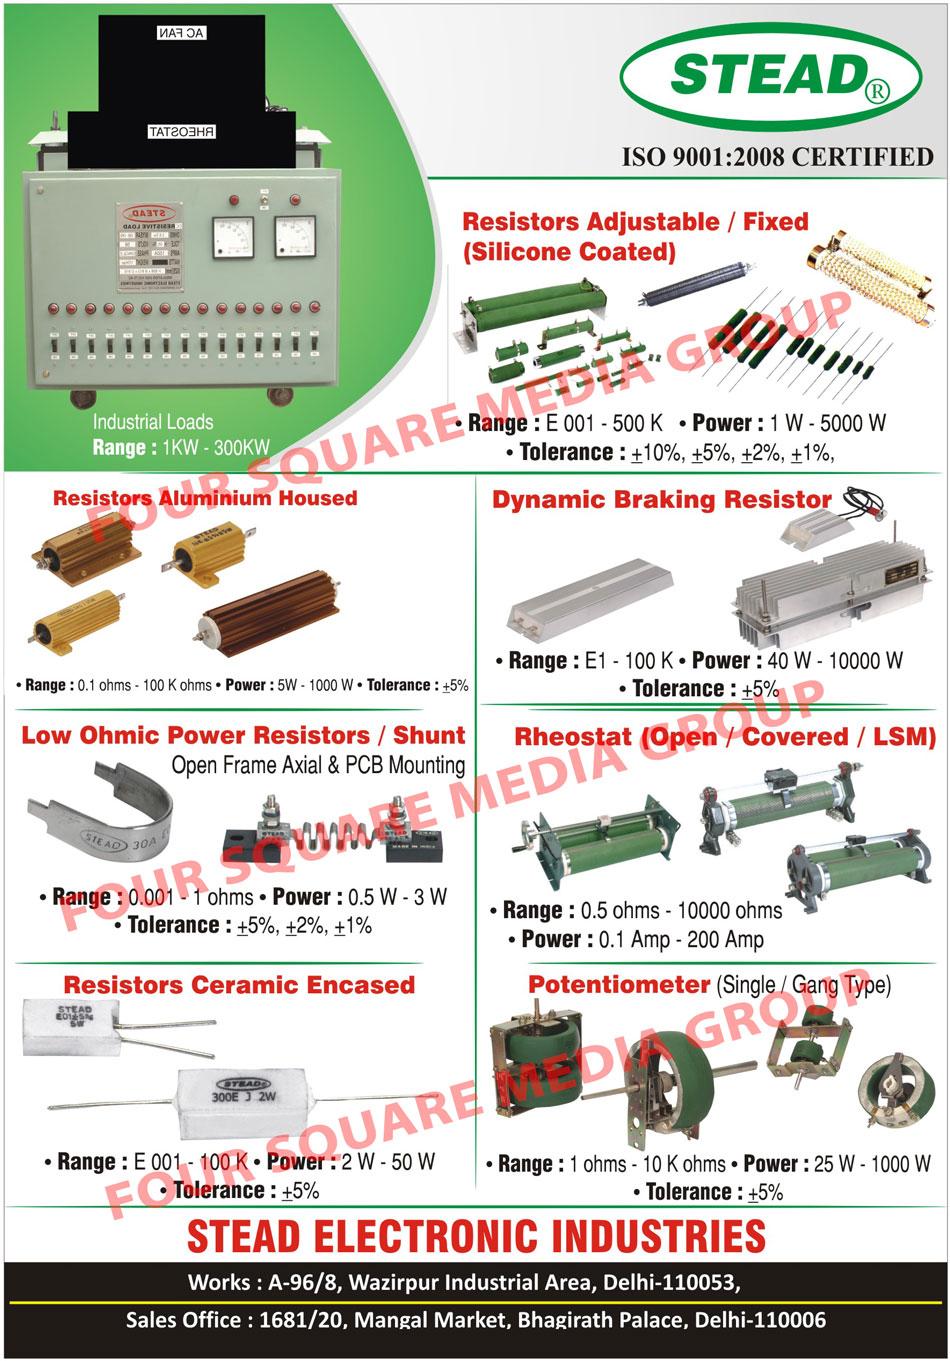 Industrial Loads, Resistor Aluminium Housed, Low Ohmic Power Resistors, Dynamic Breaking Resistors, Adjustable Resistors, Fixed Resistors, Open Rheostat, Covered Rheostat, Rheostat, Single Type Potentiometer, Gang Type Potentiometer, Resistor Ceramic Encased,Shunts, Wirewound Resistors, Axial Resistors, Ceramic Encased Resistors, Aluminium Housed Resistors, Wirewound Rheostats, Loading Rheostats, Wirewound Potentiometers, Auto Variable Transformers, DBR, Dynamic Braking Resistors